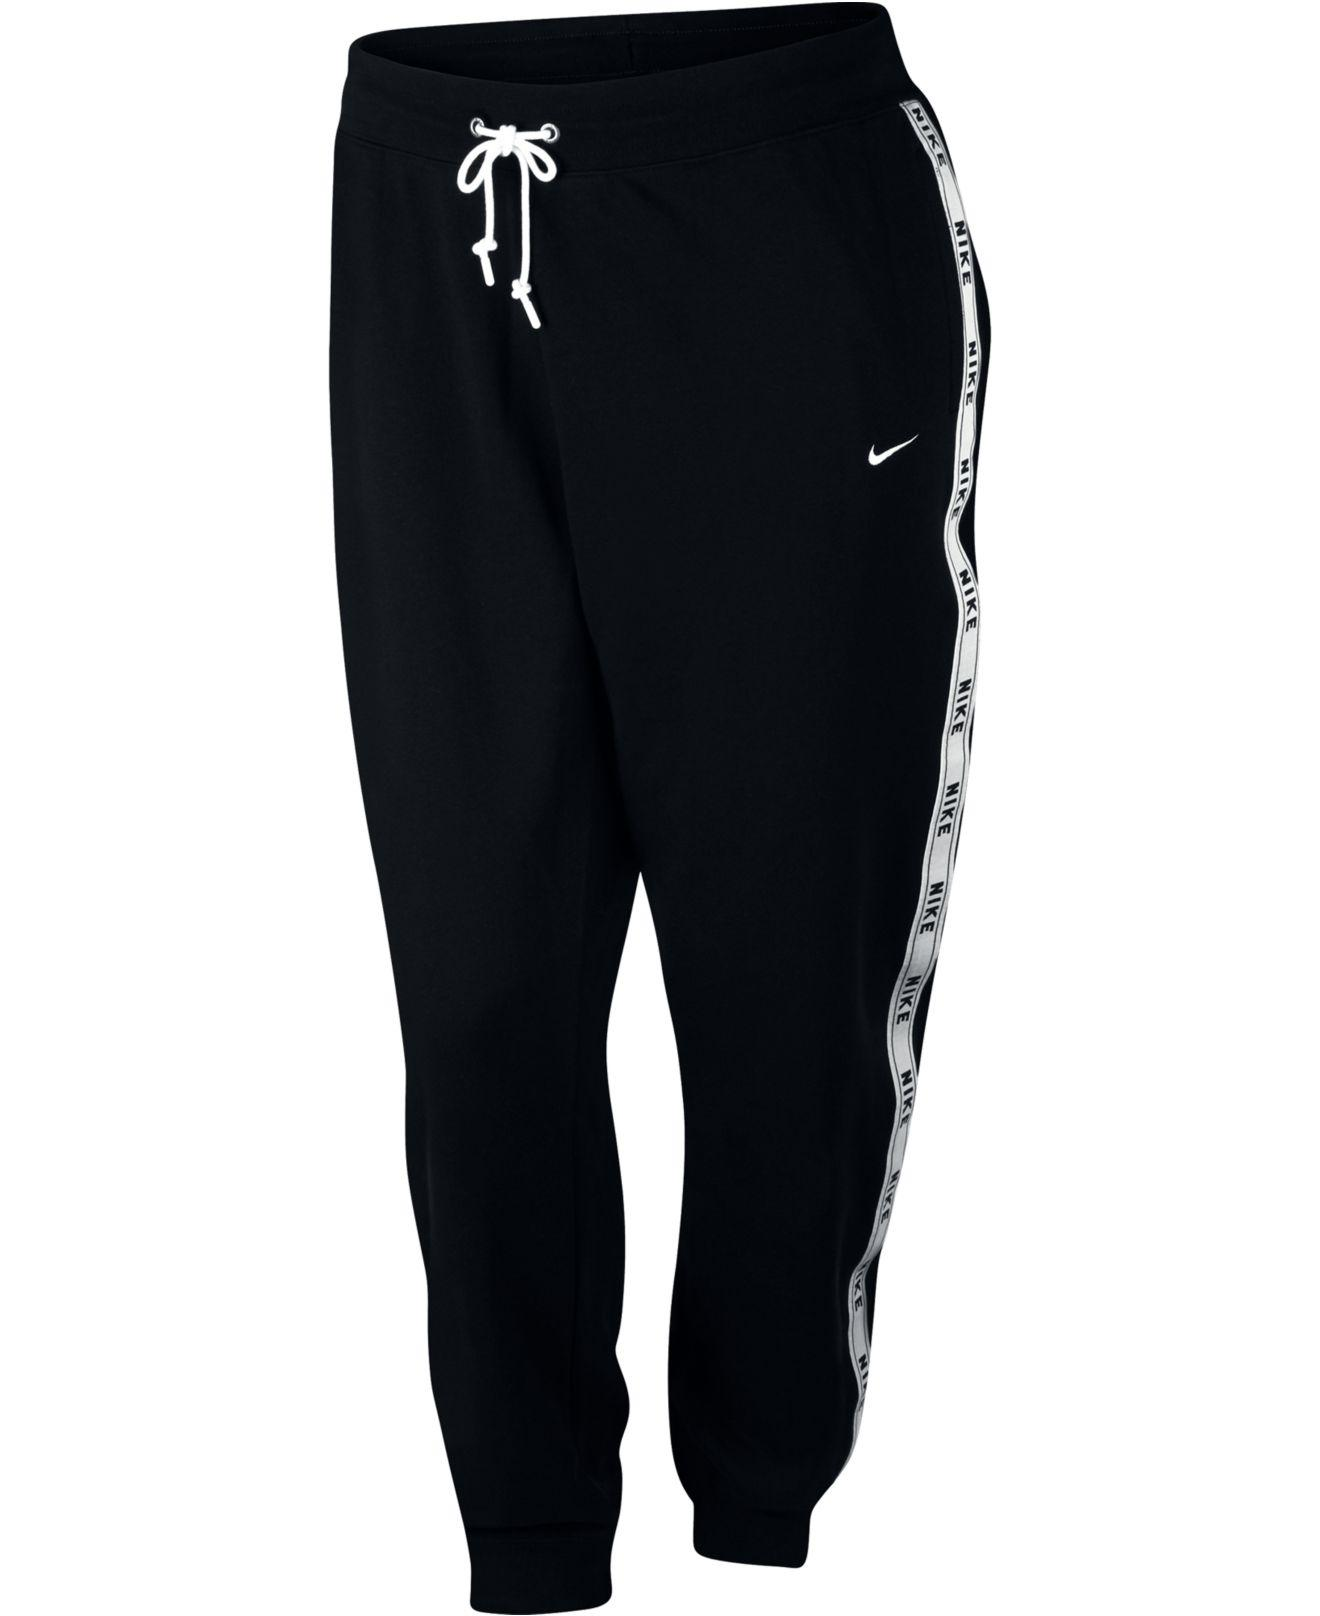 dc33a87d33be7 Nike - Black Plus Size Sportswear Logo Joggers - Lyst. View fullscreen